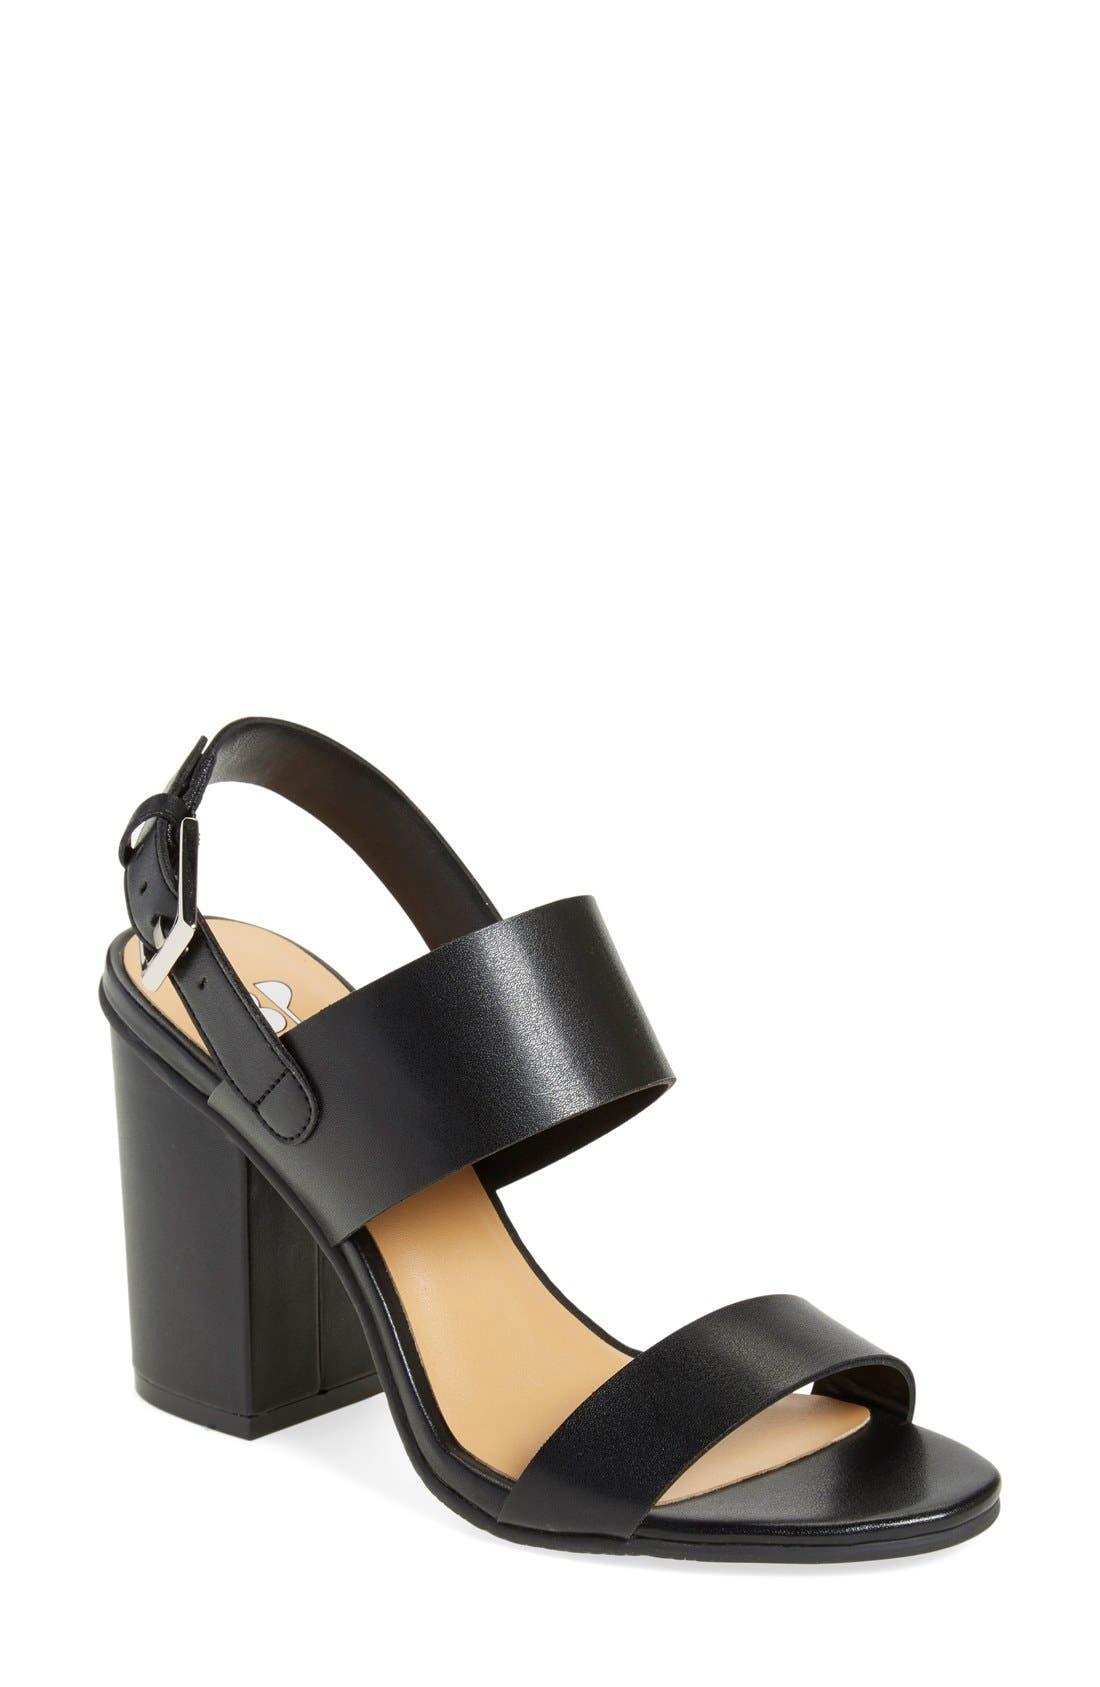 Main Image - BP. 'Truce City' Block Heel Sandal (Women)